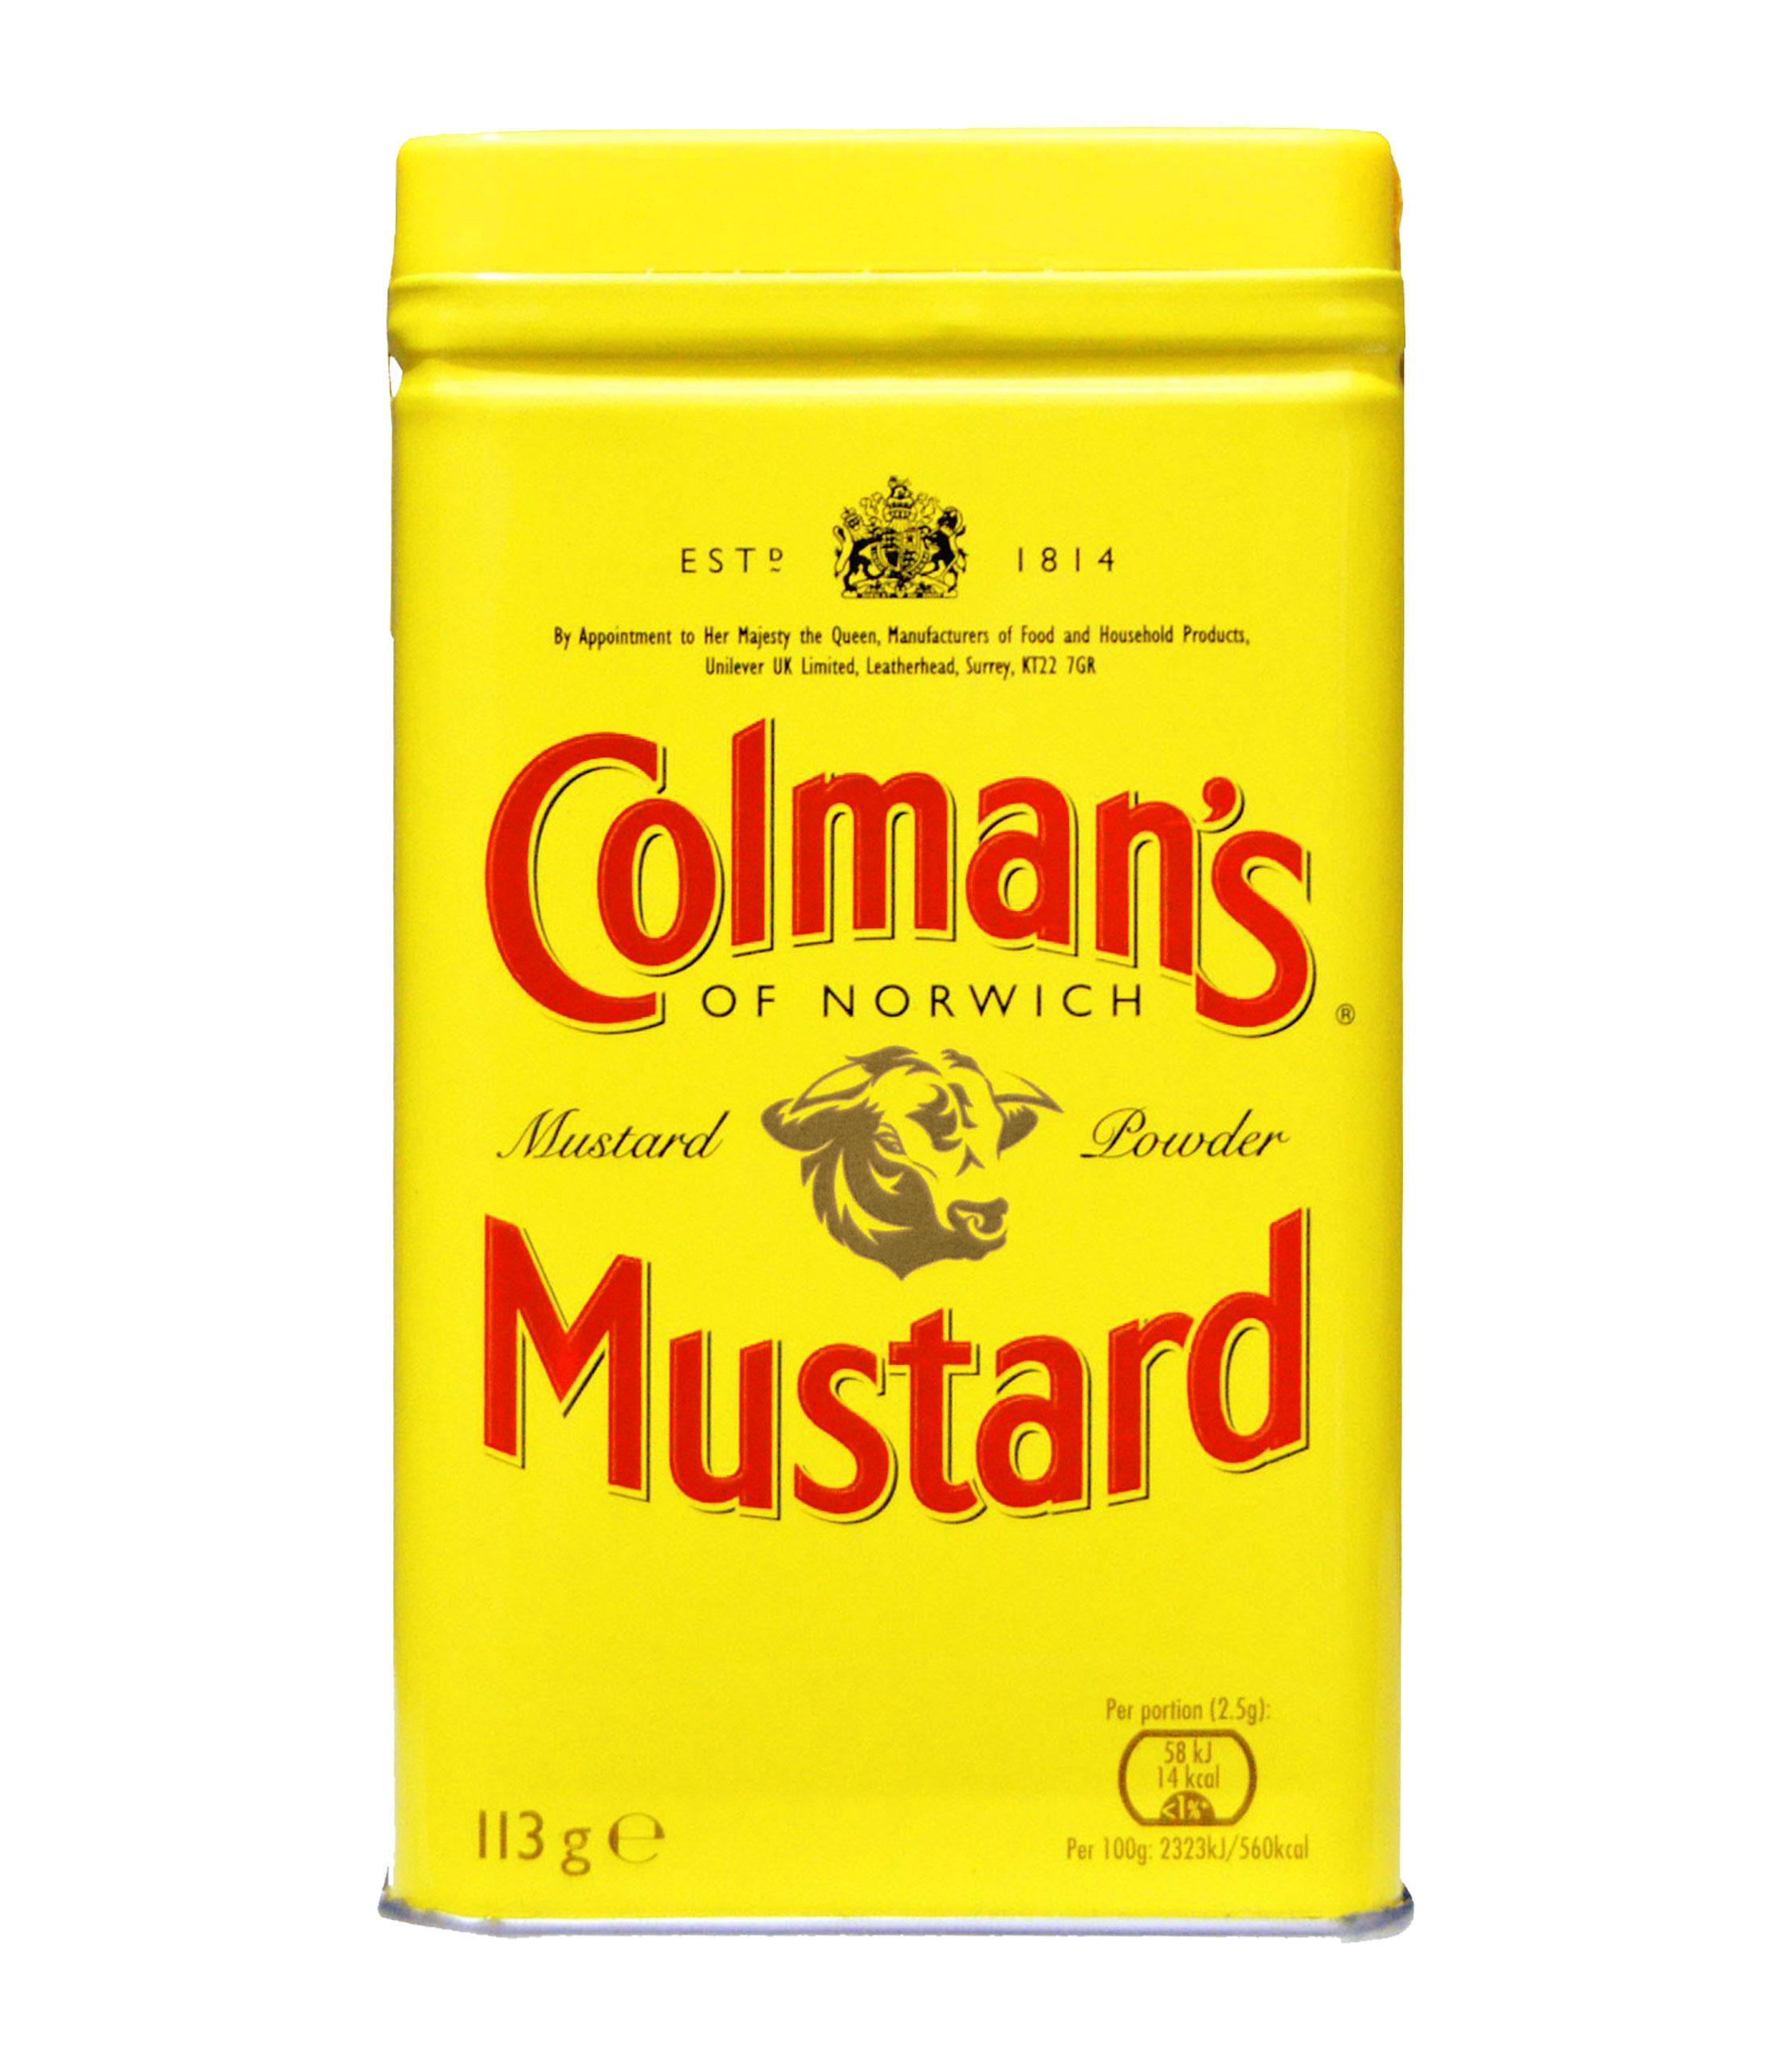 Colman's sinappijauhe - Kehitetty Itä-Englannin Norwichissä. Hienojakoinen vaaleankeltainen jauhe. Tuoksussa heinää, ruohoa ja voimakasta piparjuurta.Käyttökohteet:• kotitekoinen sinappi• kastikkeet• liha-, lintu- tai riistapadat• jauheliharuoat• kastikkeet• rub-mausteseokset• munakokkeli• coleslaw• perunagratiini• juuresgratiiniKotitekoisen sinapin kannattaa antaa tekeytyä muutamia päiviä tai viikkoja, jotta mausta tulee täyteläisempi, pehmeämpi ja kypsempi.